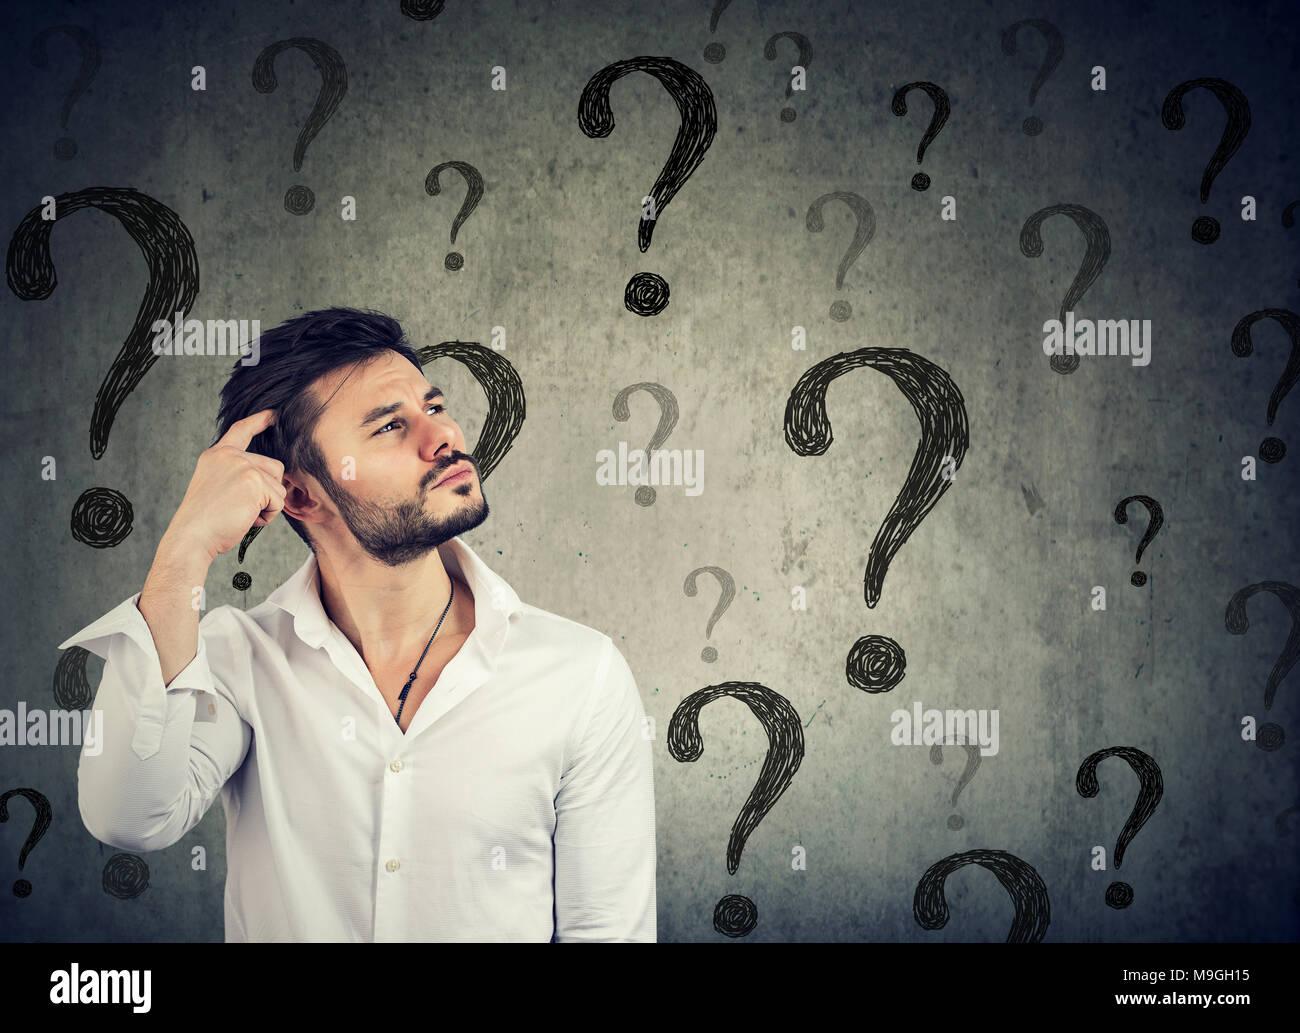 Pensativo confundido guapo tiene demasiadas preguntas y ninguna respuesta Imagen De Stock